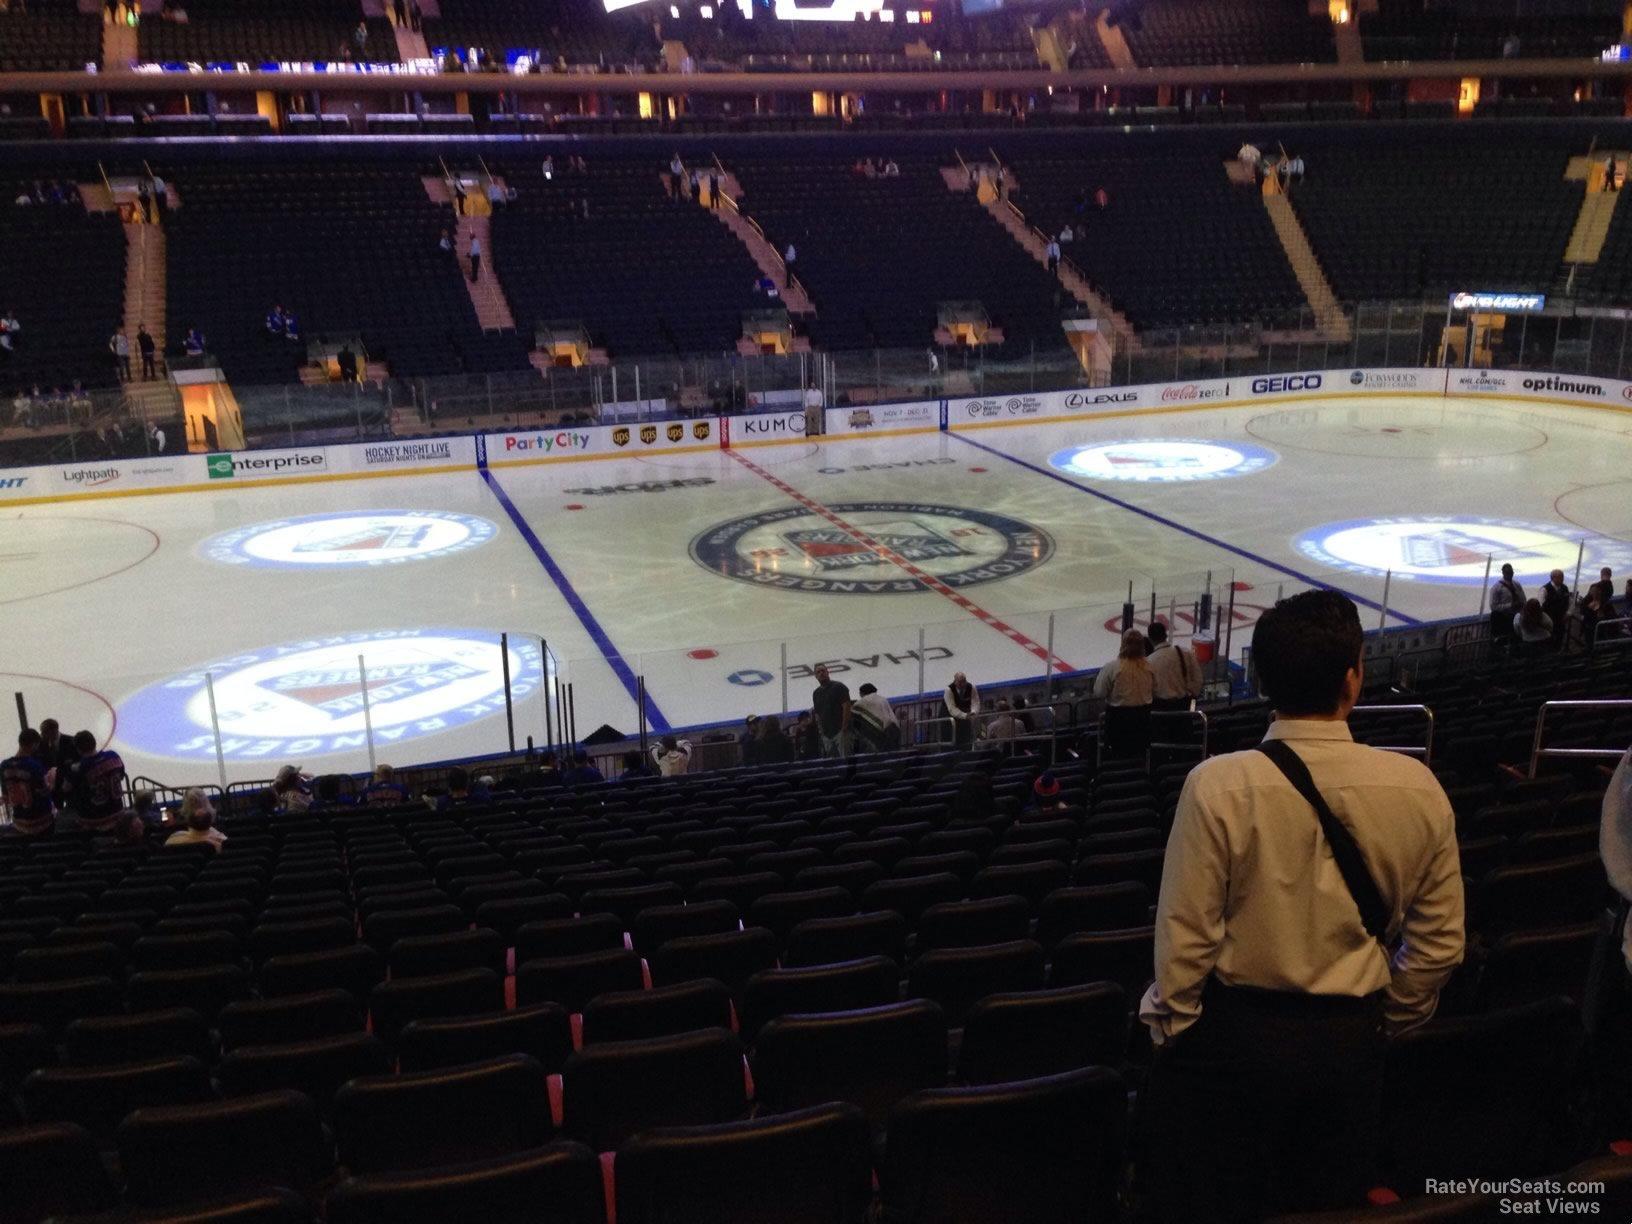 100 9 Madison Square Garden Seating Bridge Seating